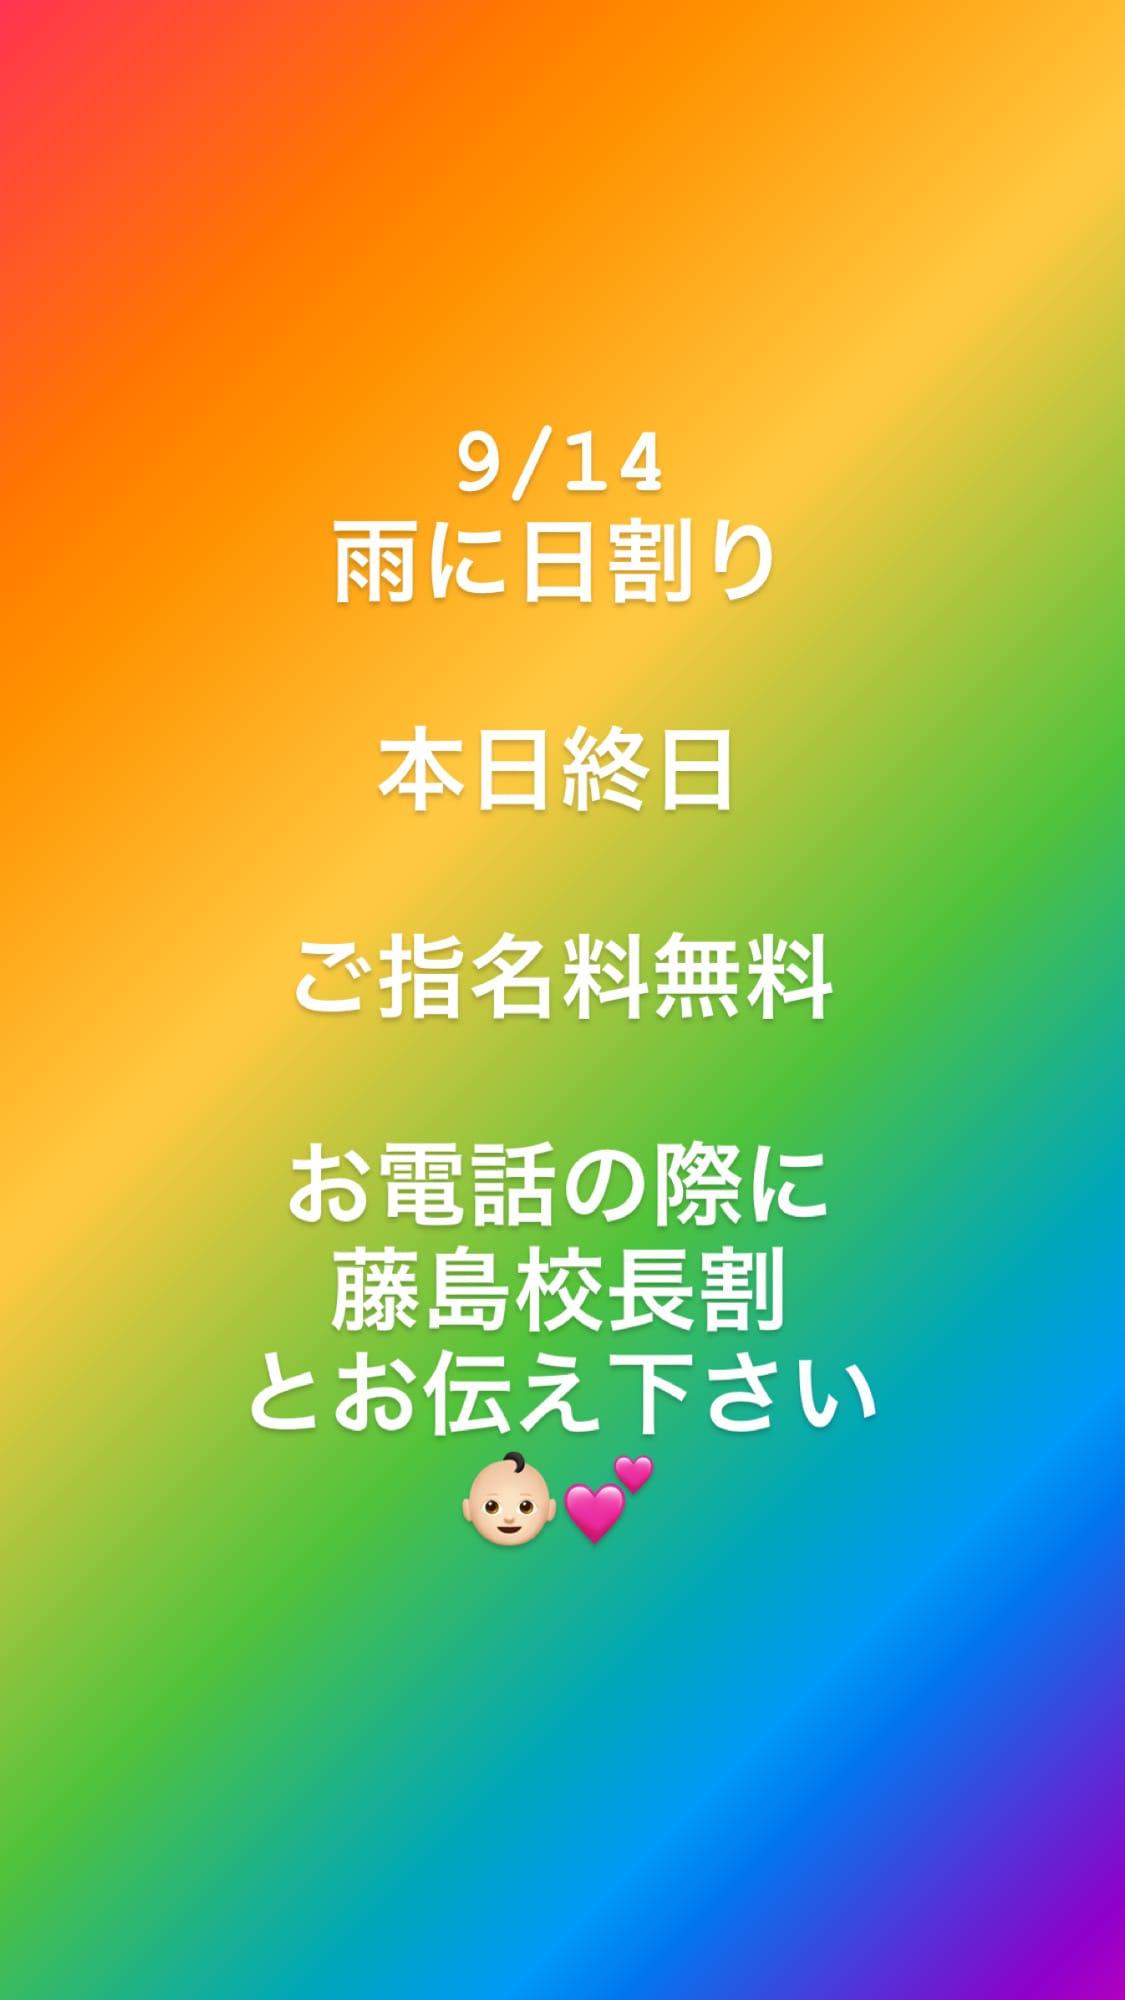 「出勤しました♪」09/14(火) 17:38 | 藤嶋校長の写メ日記